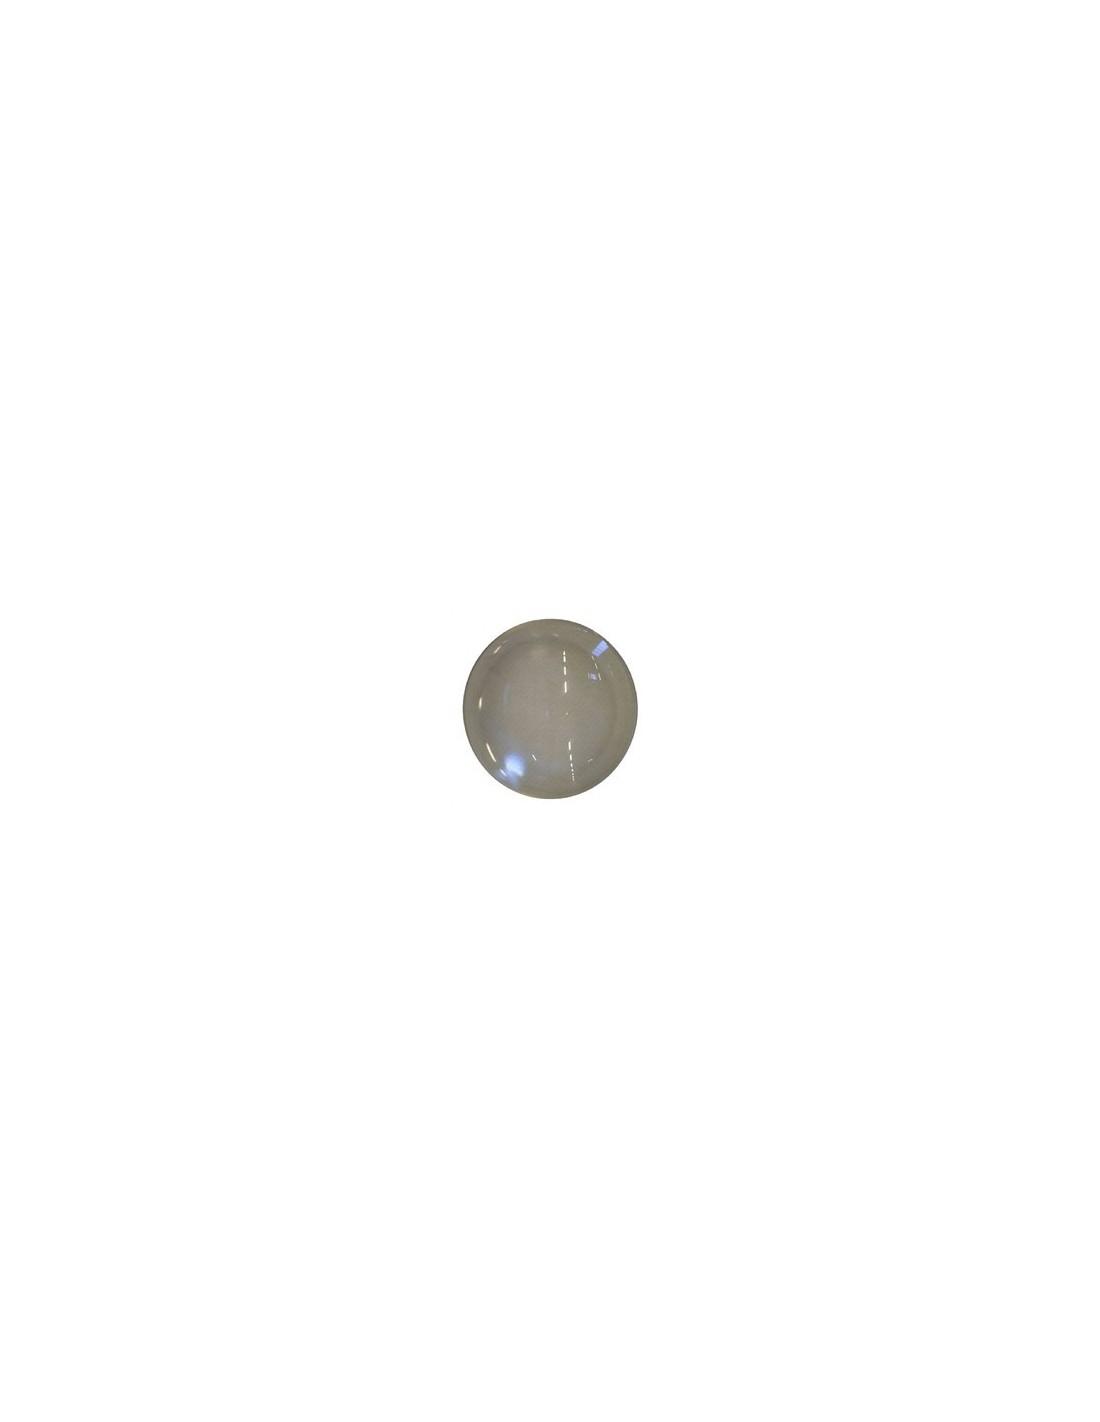 UPP00096 - Rund märkbricka i krom